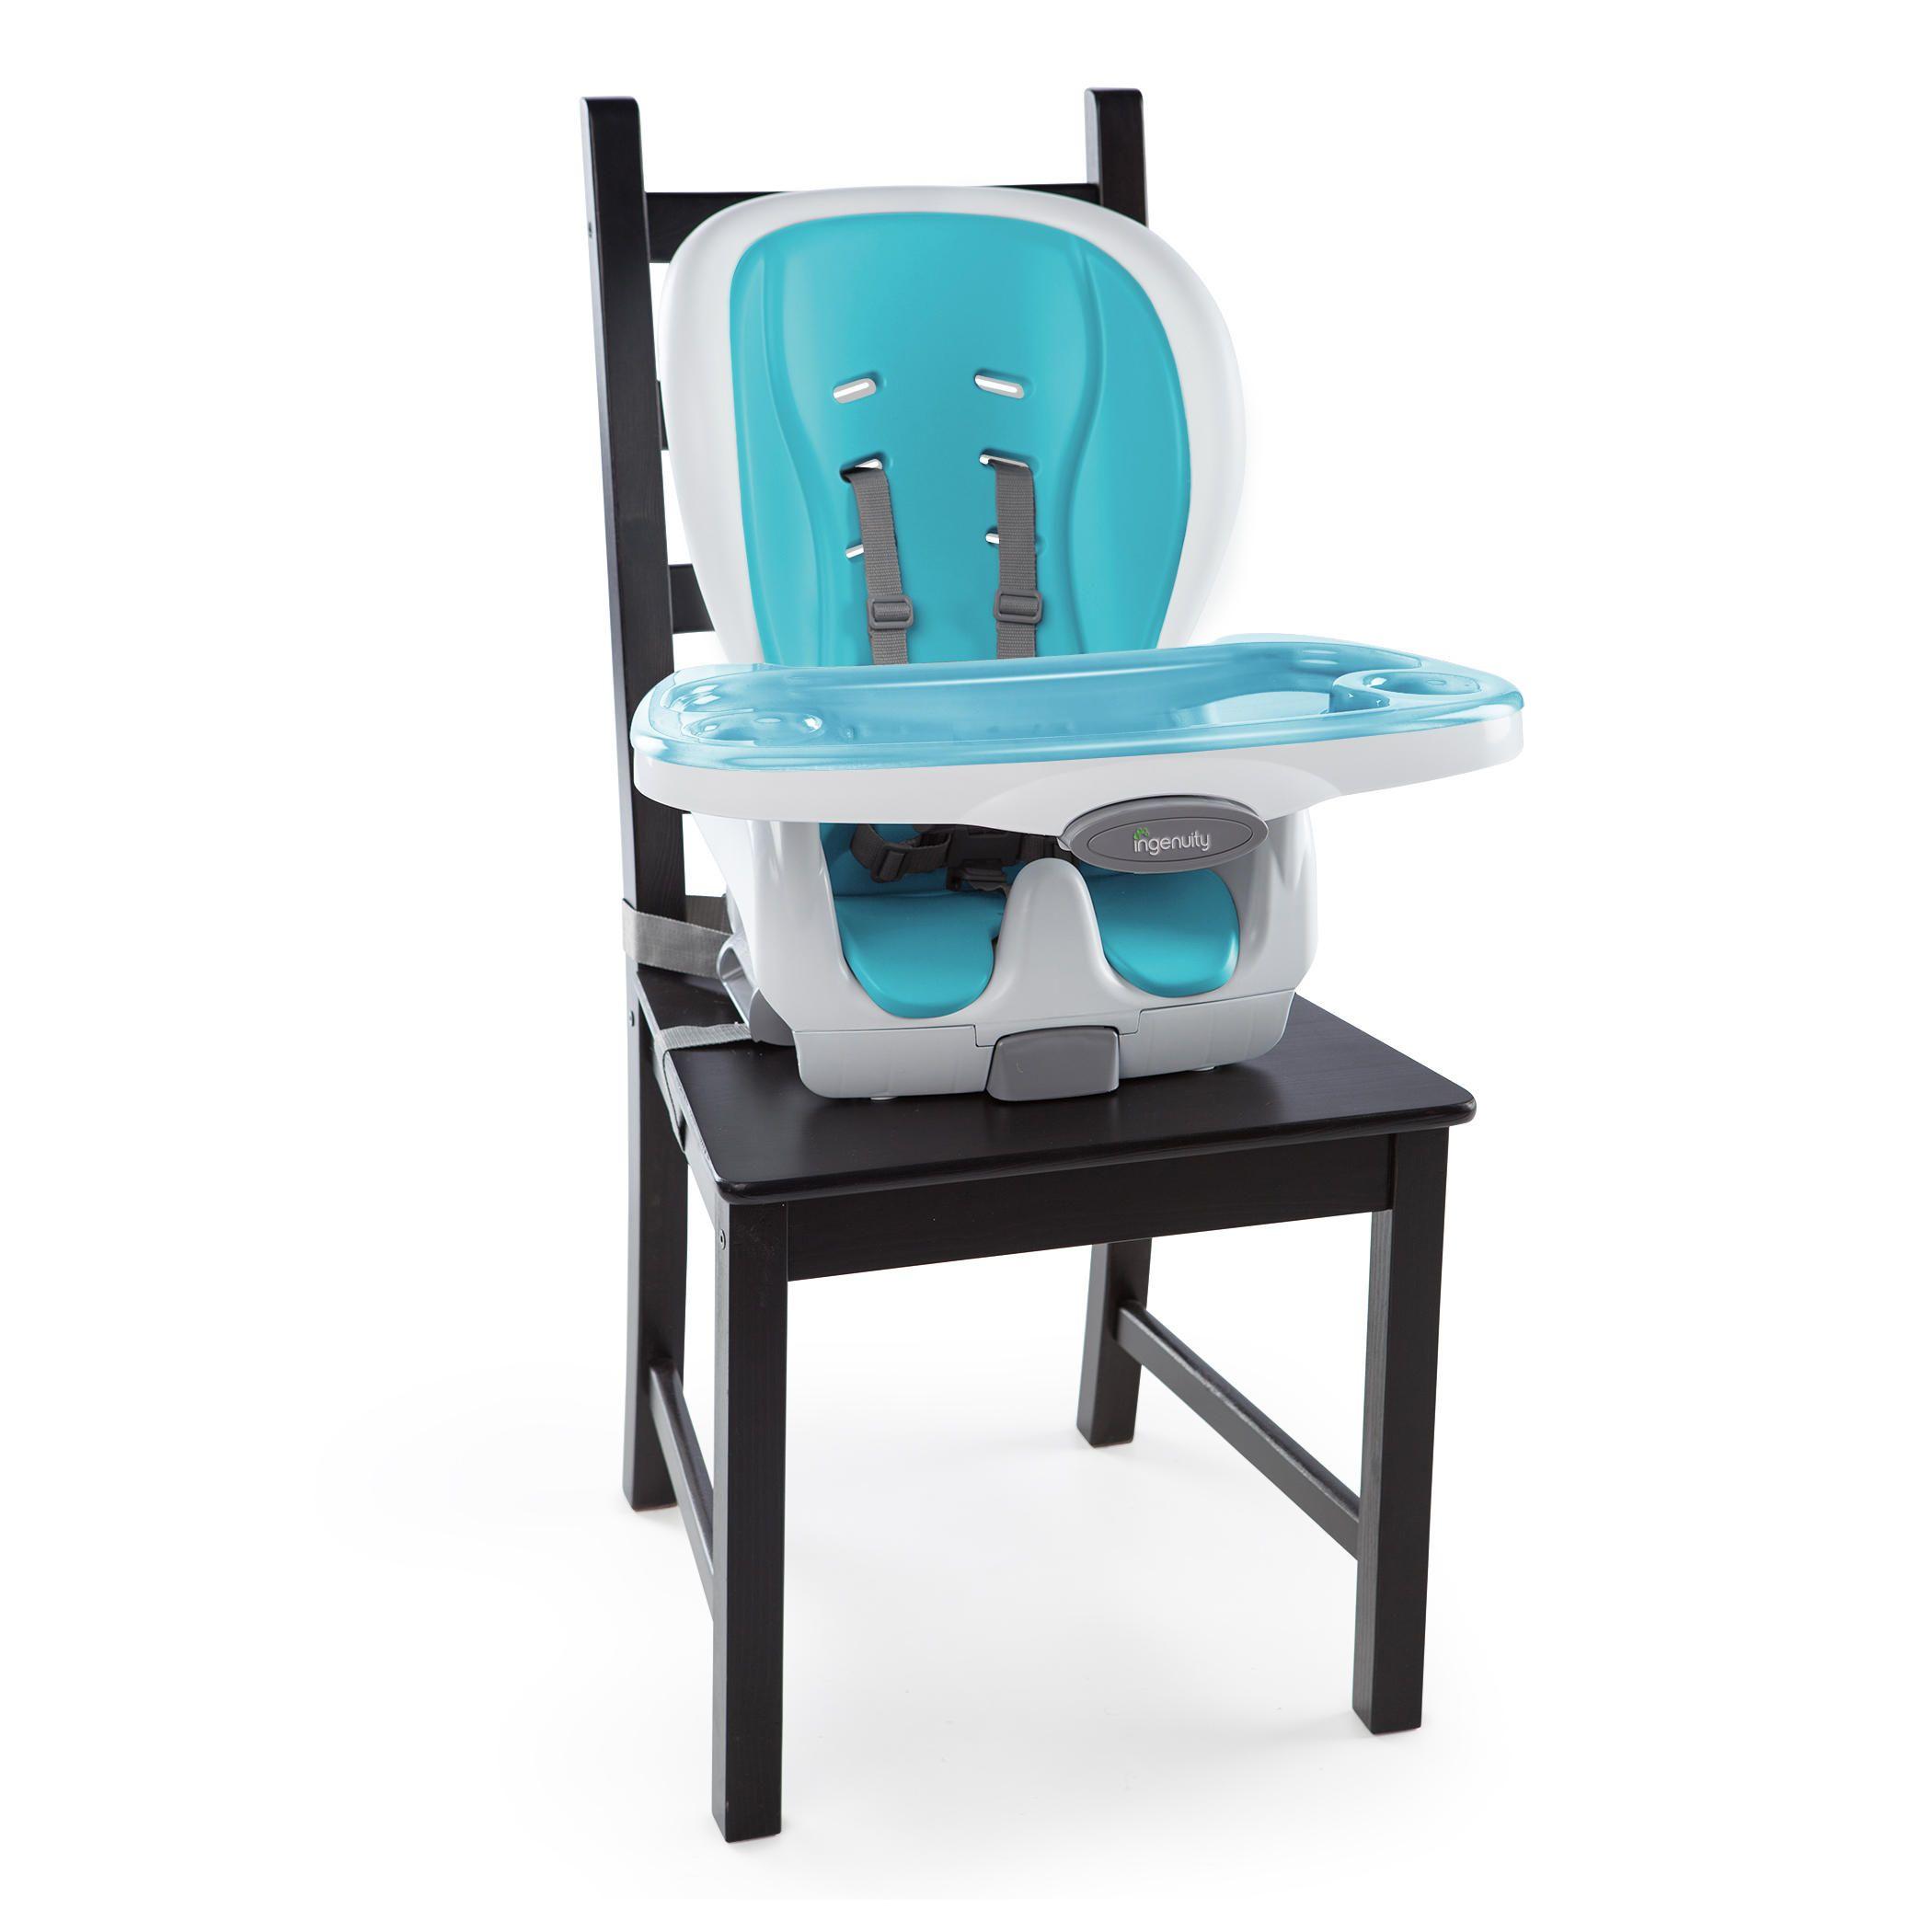 Image of Højstol og sæde 3-i-1 fra Ingenuity i (IN-10515)